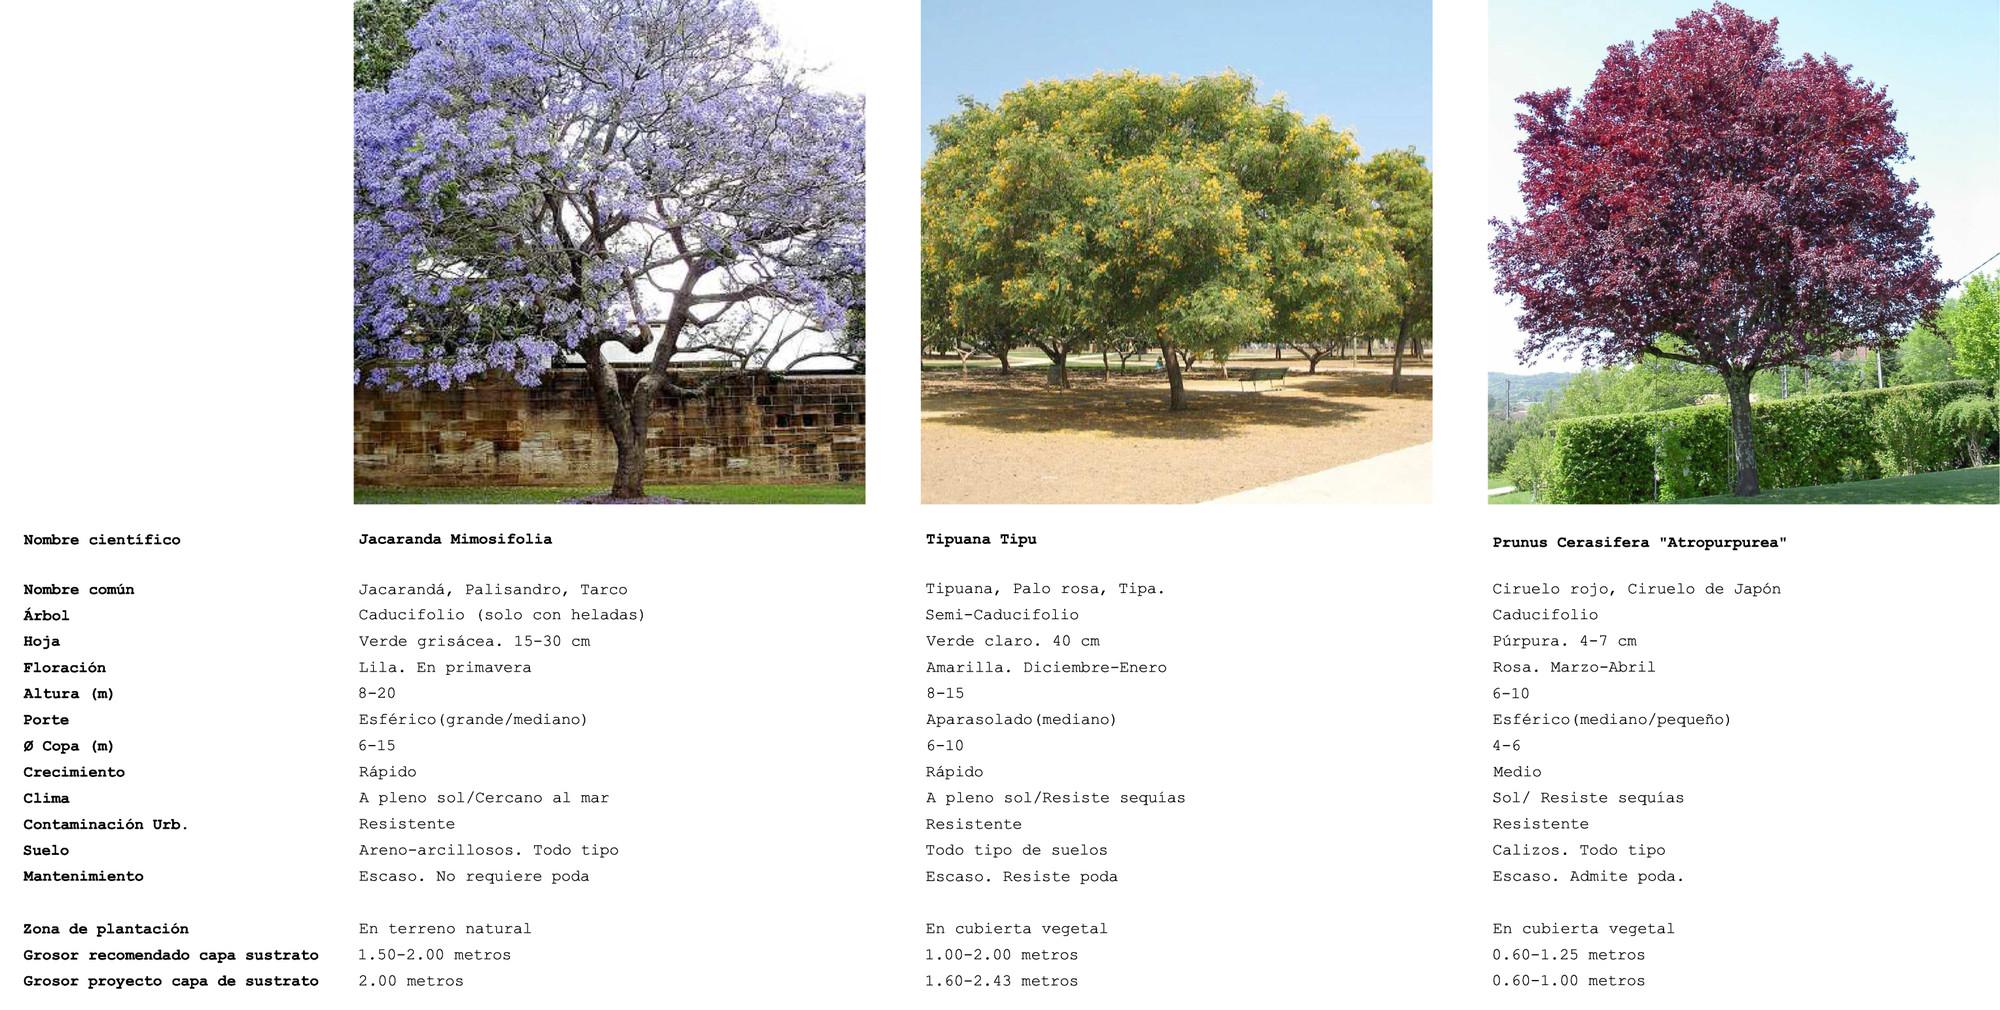 Especies arbóreas